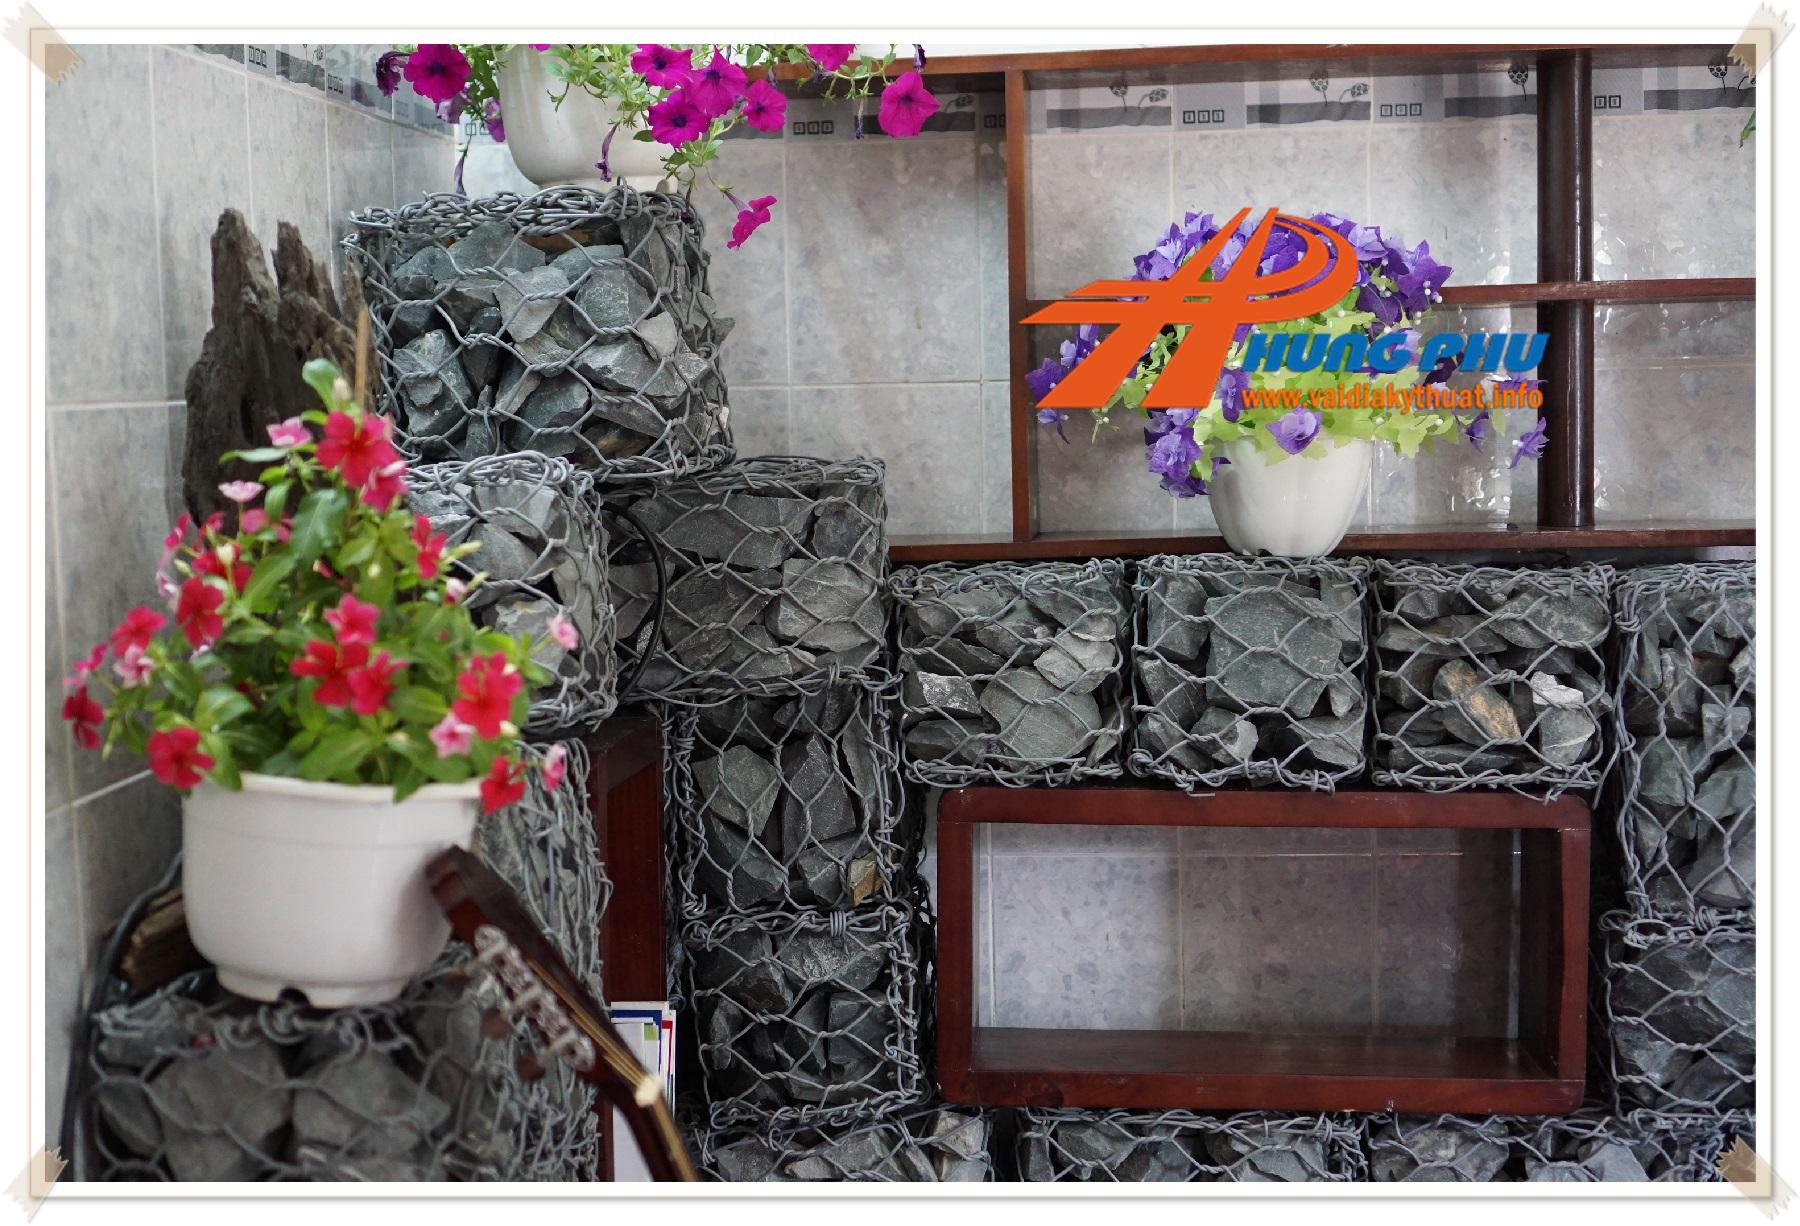 Rọ đá trang trí tường